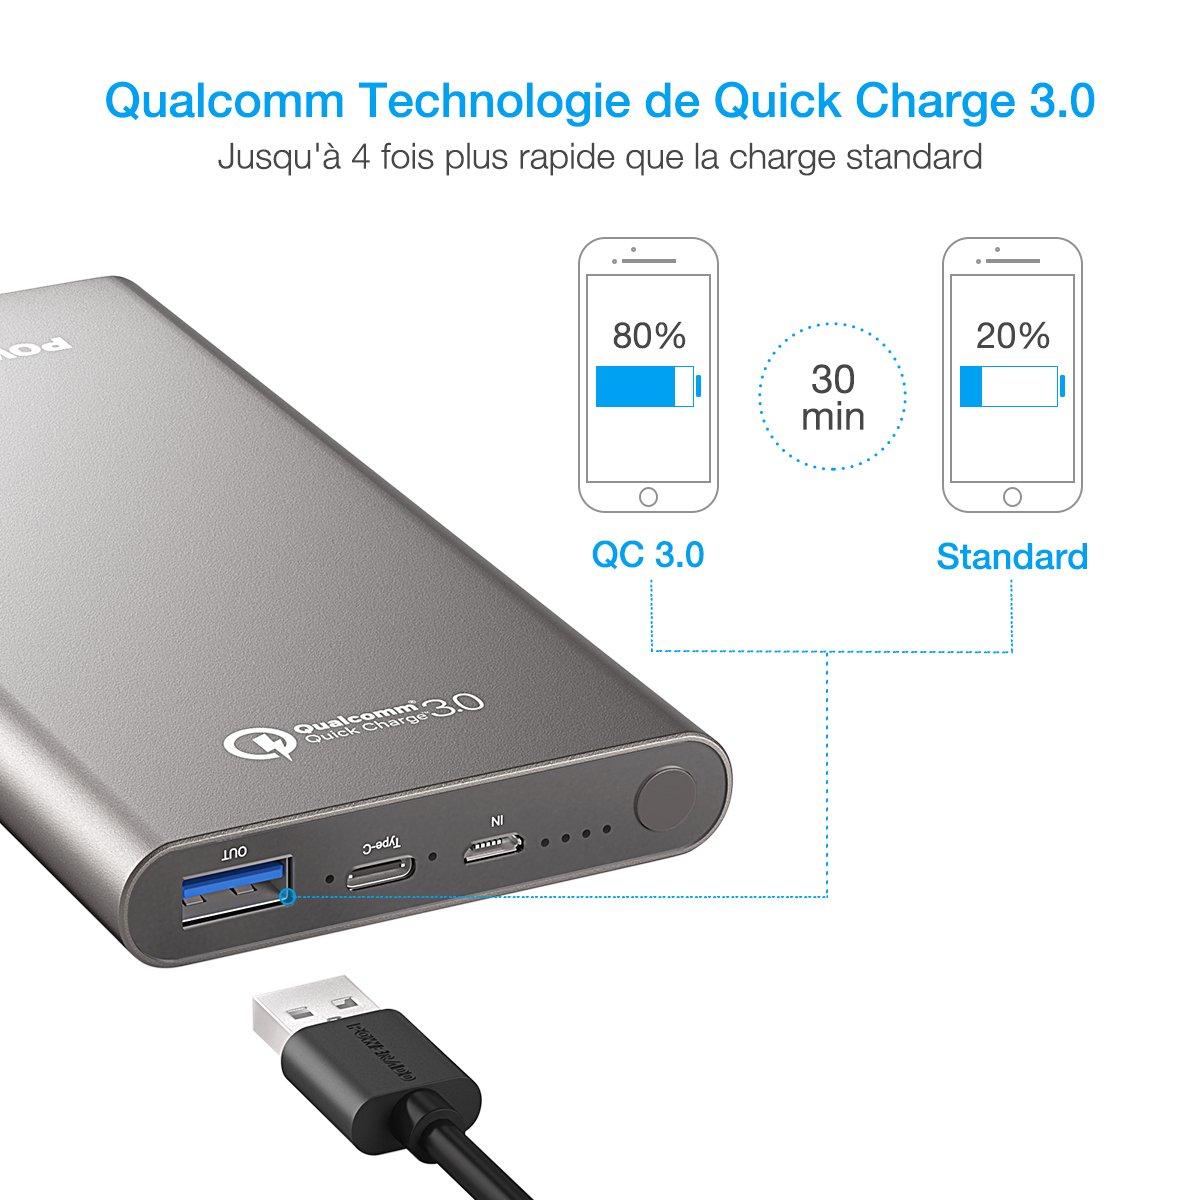 [Quick Charge 3.0] Poweradd 10 000 mAh USB Type-C Grande Capacité Chargeur Batterie Portable de Secours Externe avec sortie 4.8A pour iPhone, iPad, iPod, Samsung, et des autres téléphones(Adaptateur USB-C inclus)-Gris foncé